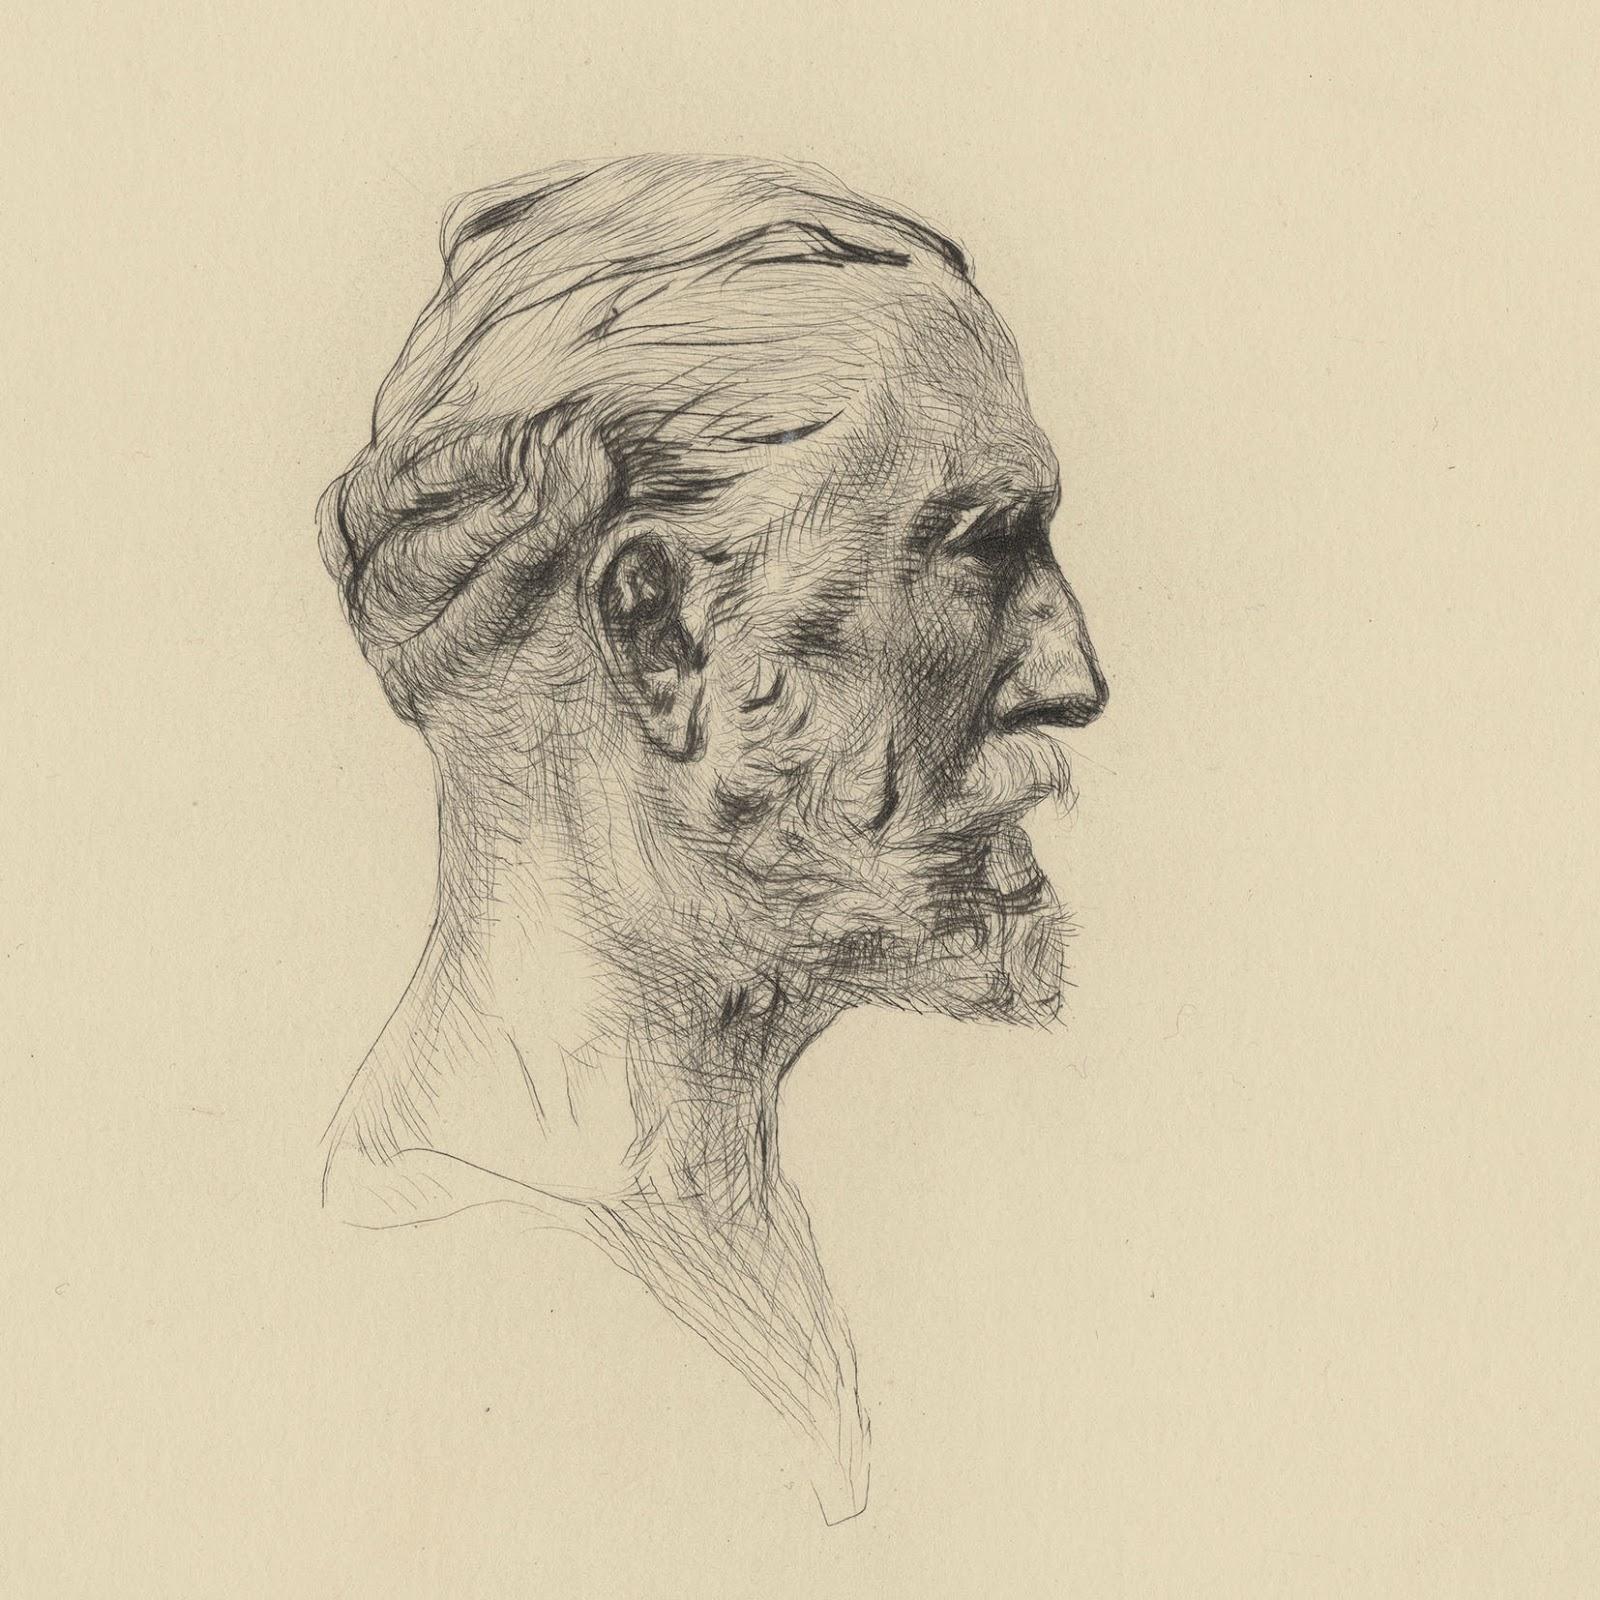 Antonin Proust by Auguste Rodin